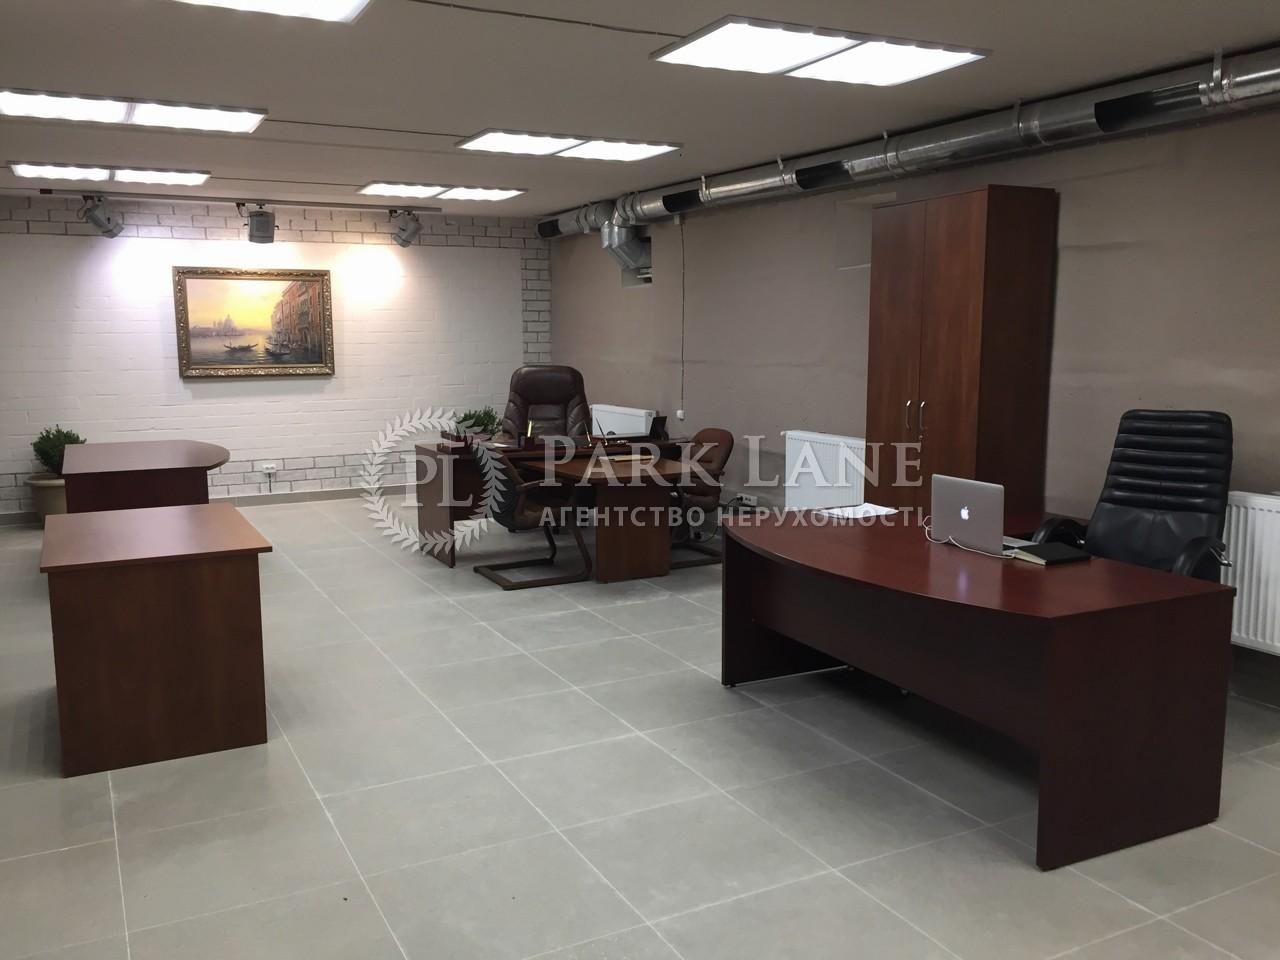 Бизнес-центр, Железнодорожное шоссе, Киев, R-22762 - Фото 8